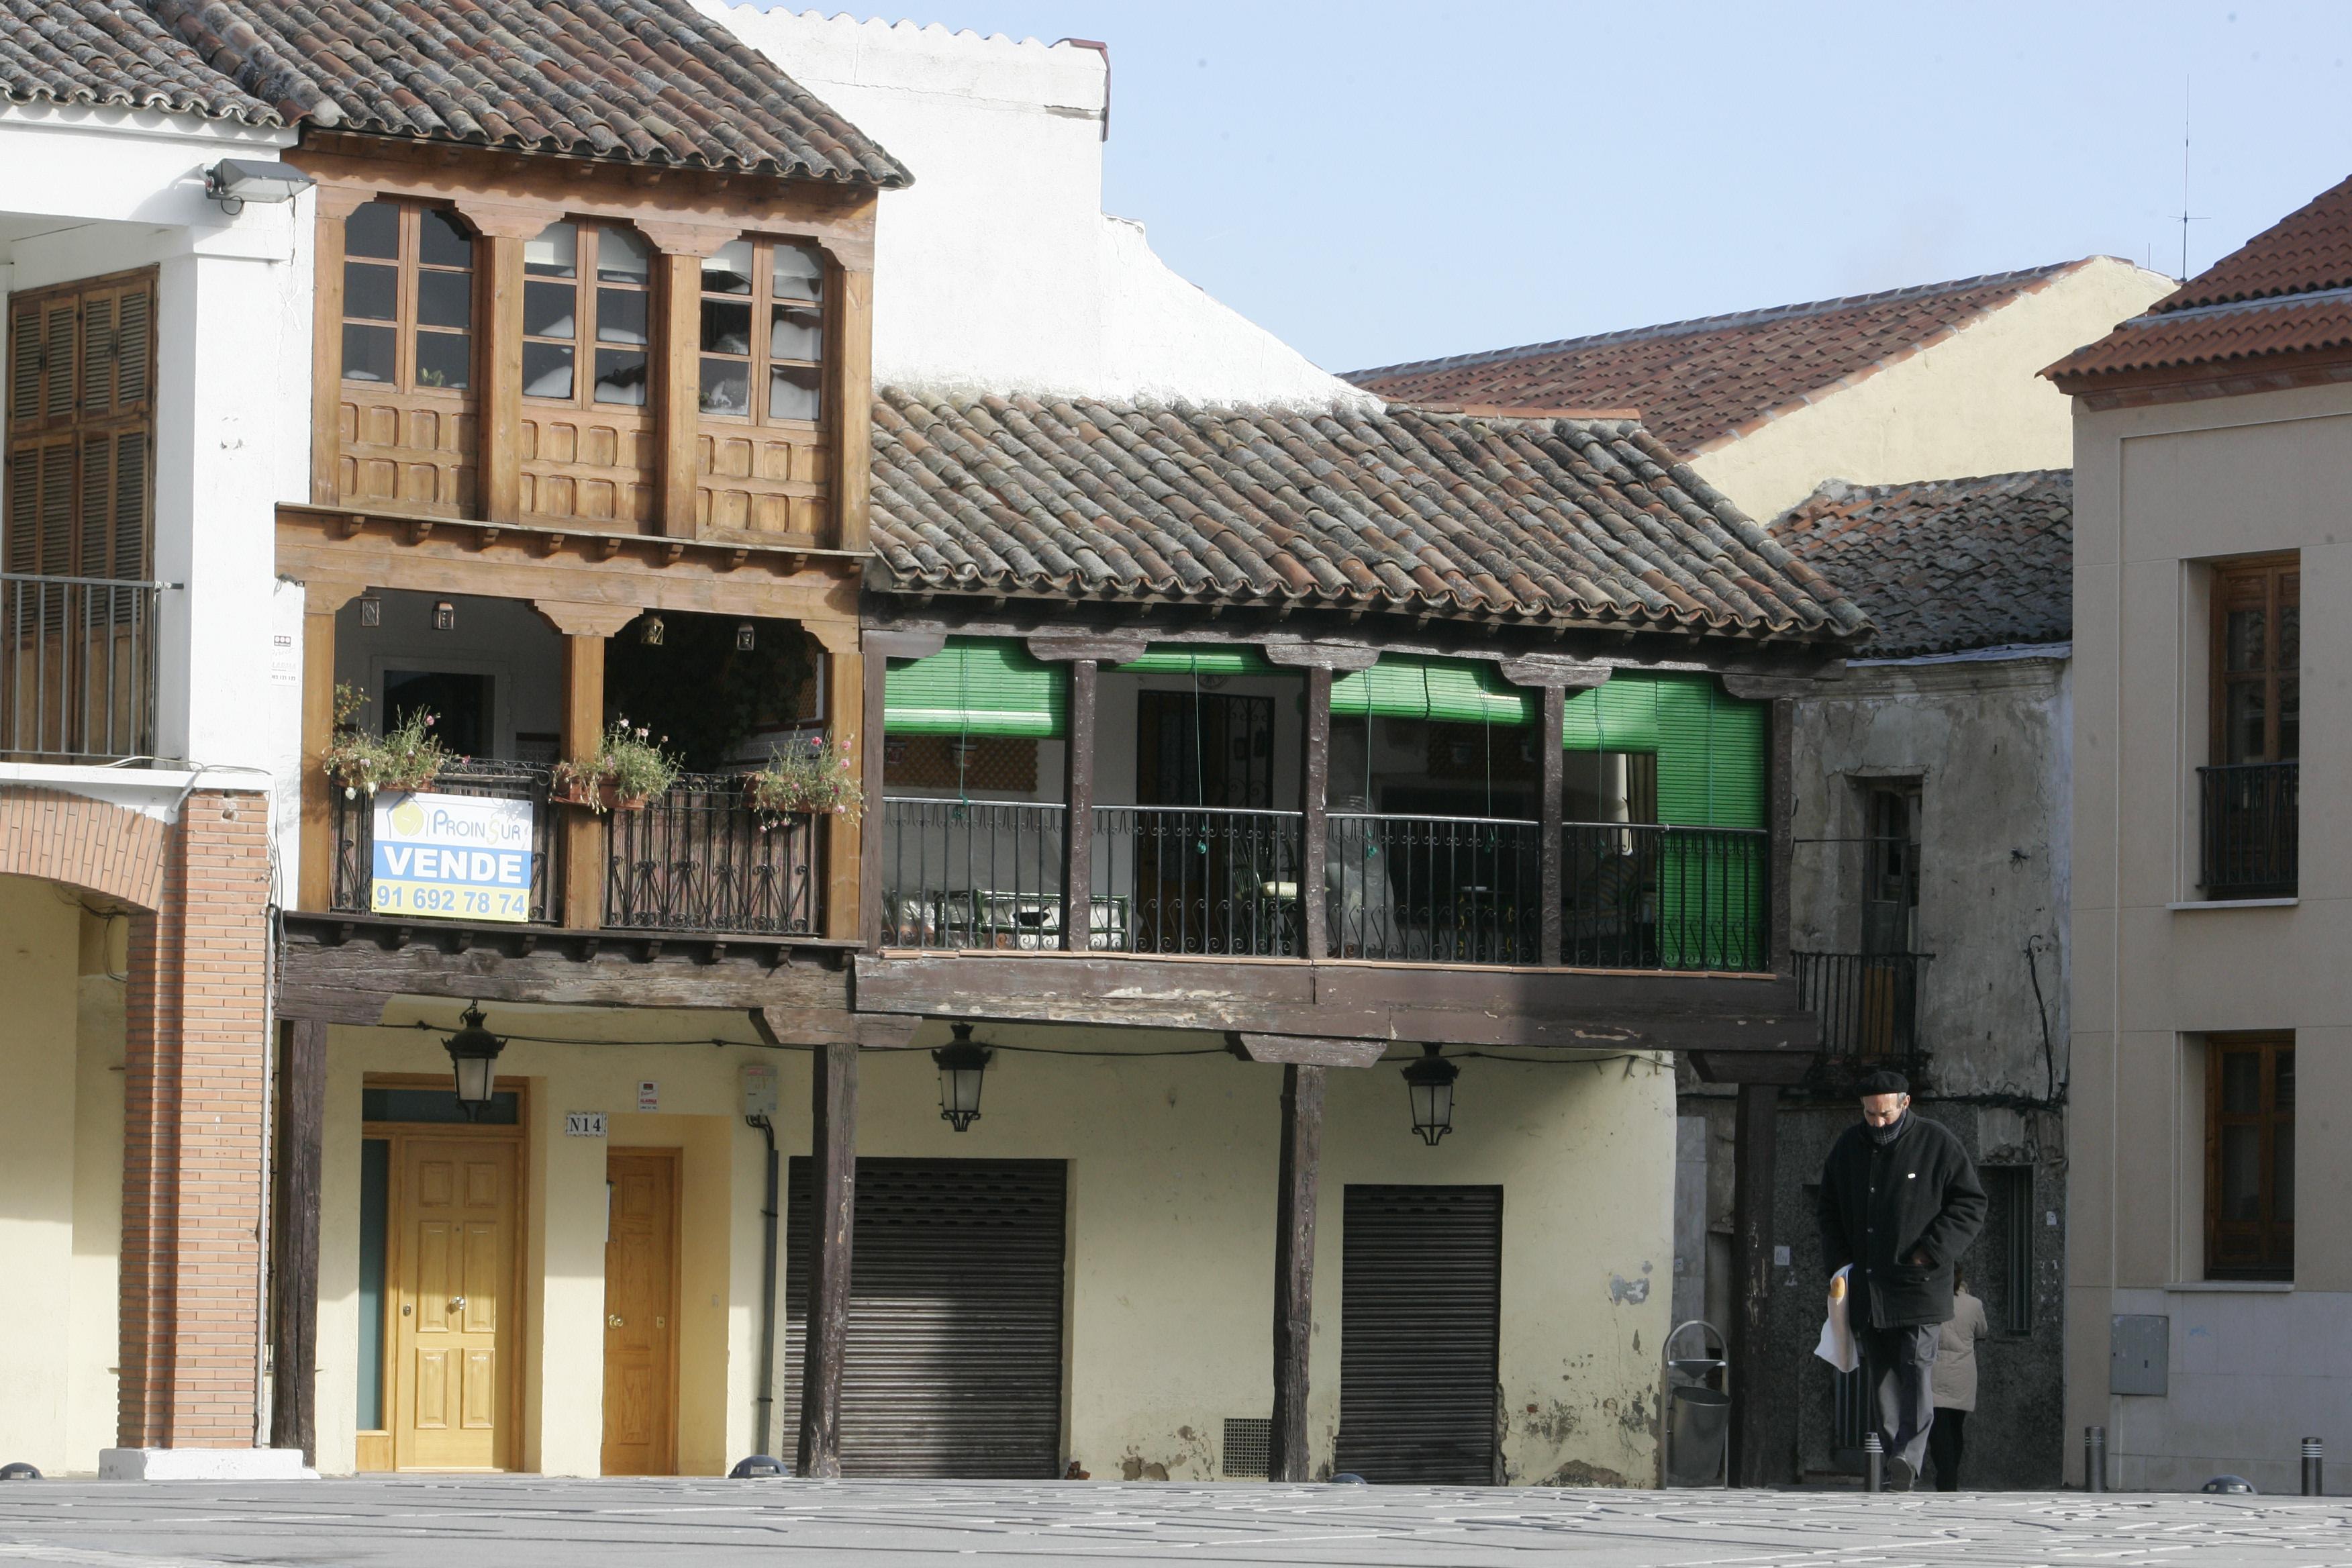 Calle de Pinto